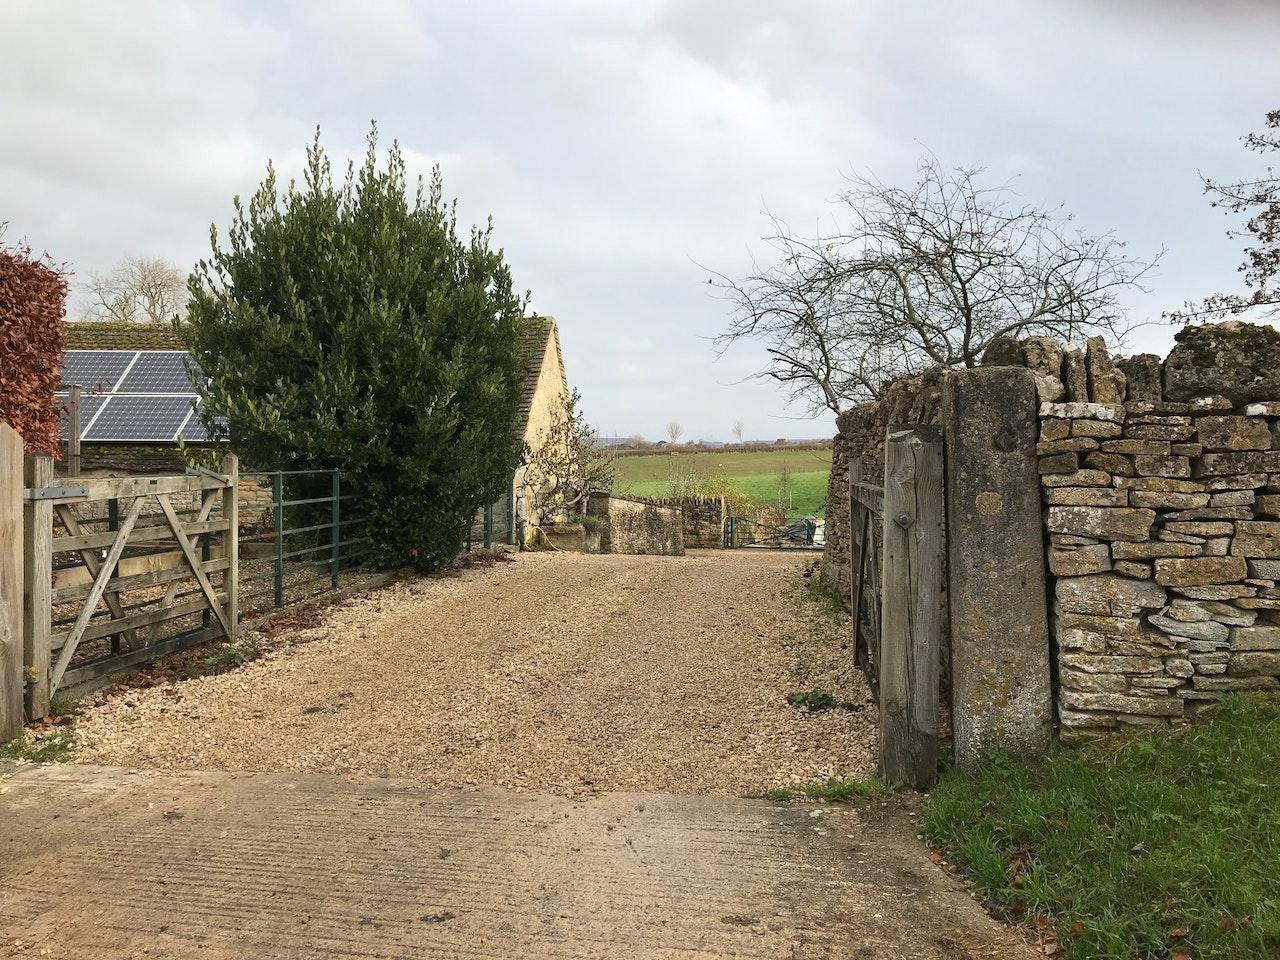 1 Gateway photo